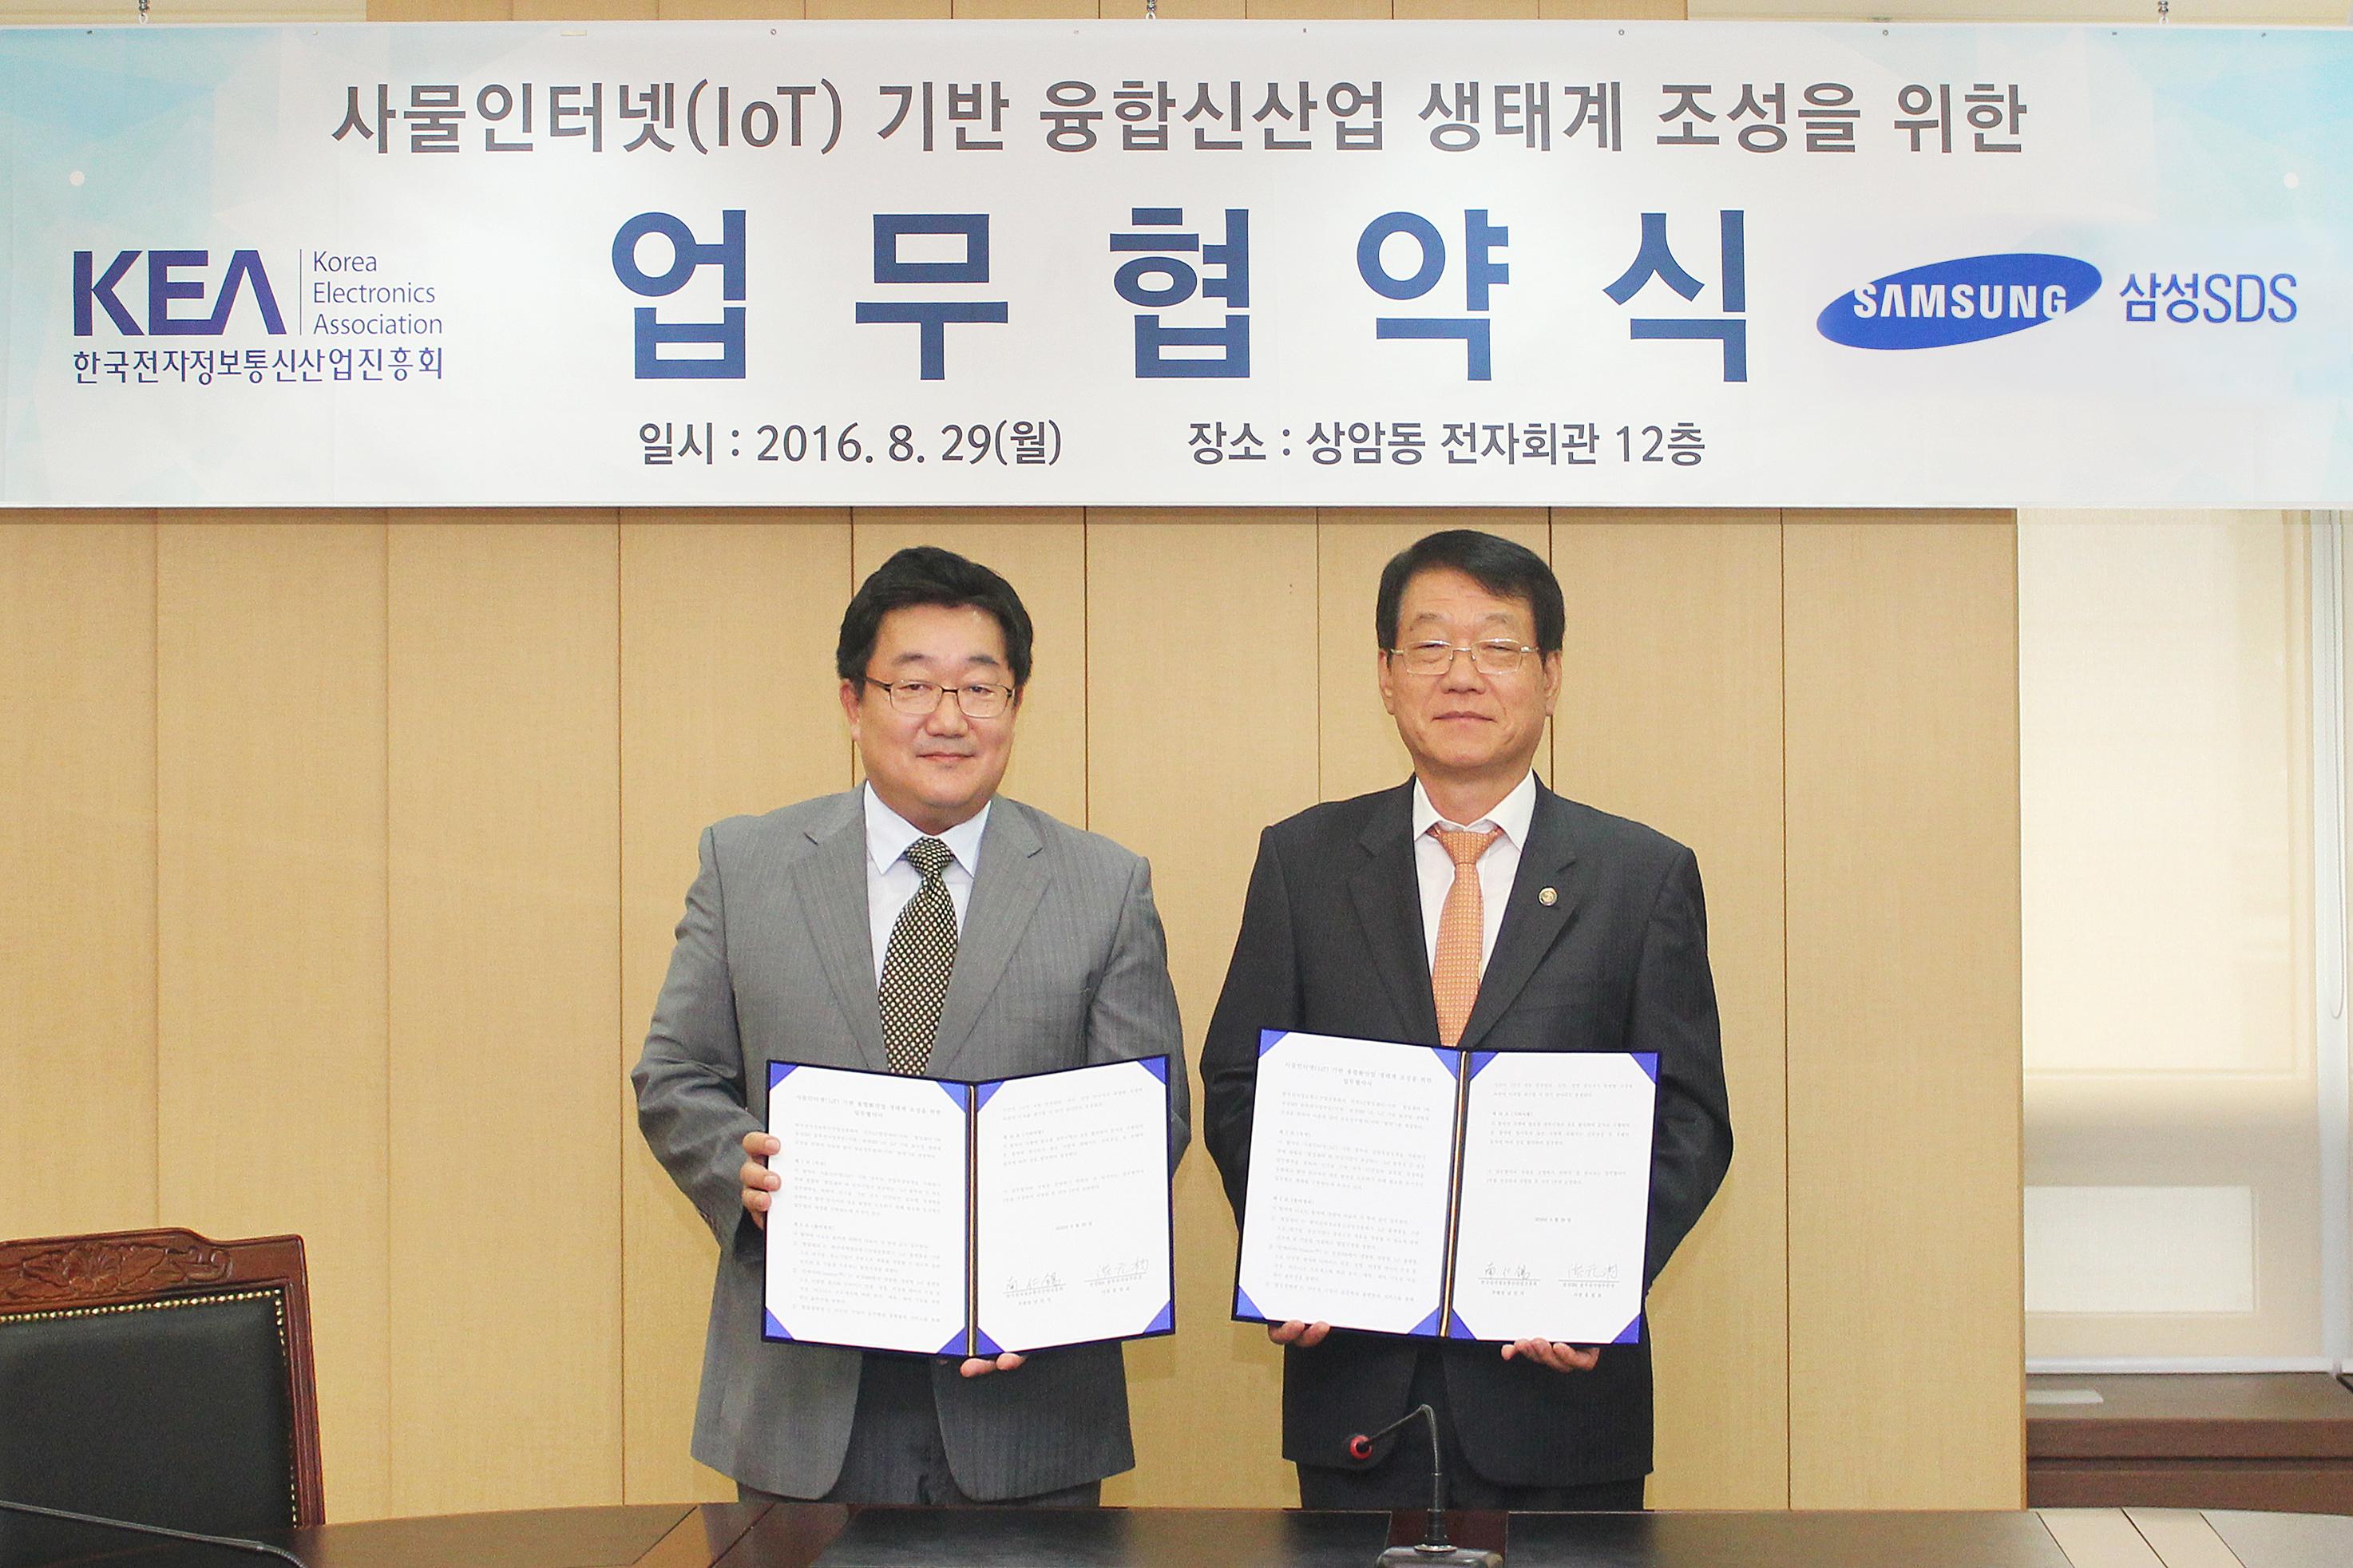 삼성SDS, 中企대상 IoT 지원사업 참여